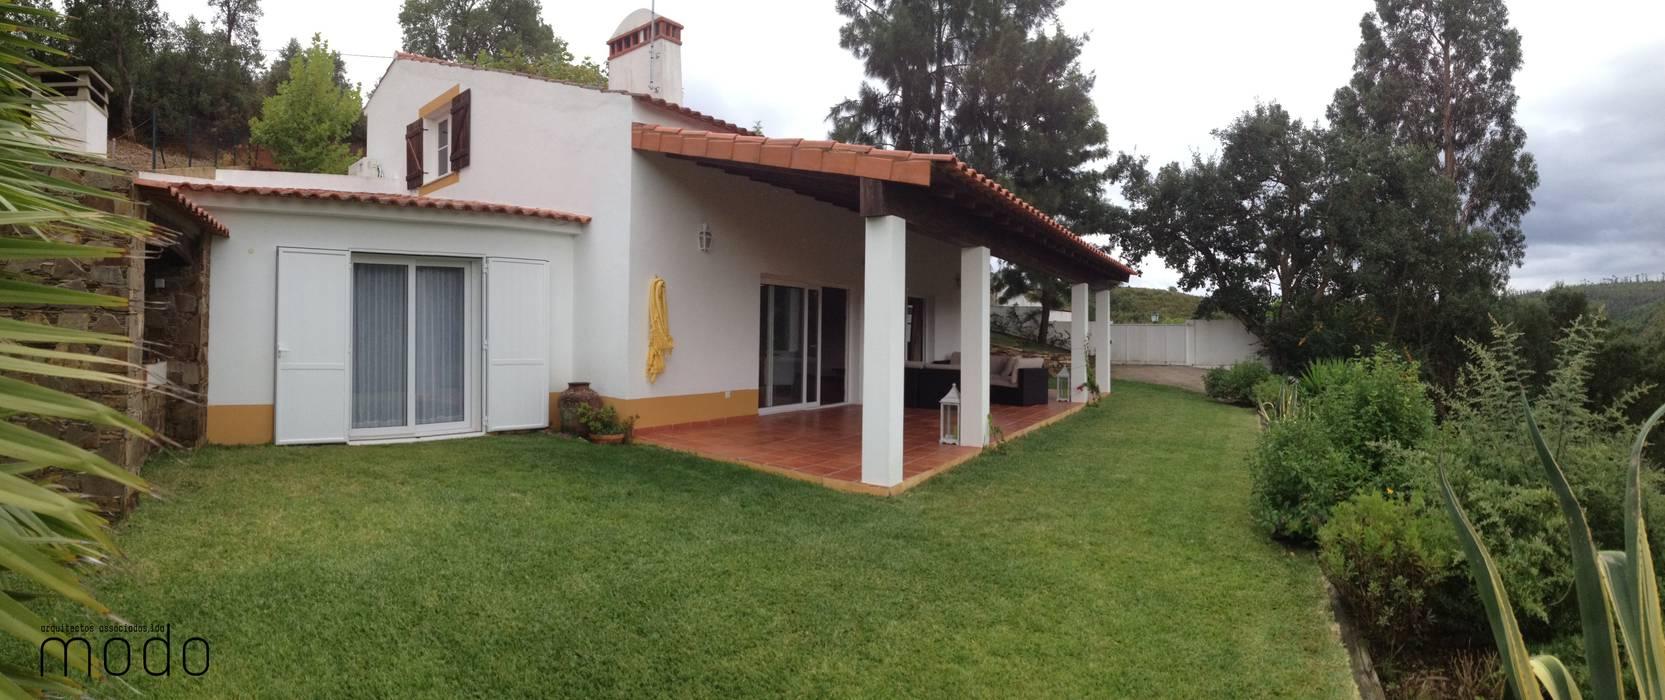 บ้านและที่อยู่อาศัย โดย Modo Arquitectos Associados, ชนบทฝรั่ง เซรามิค